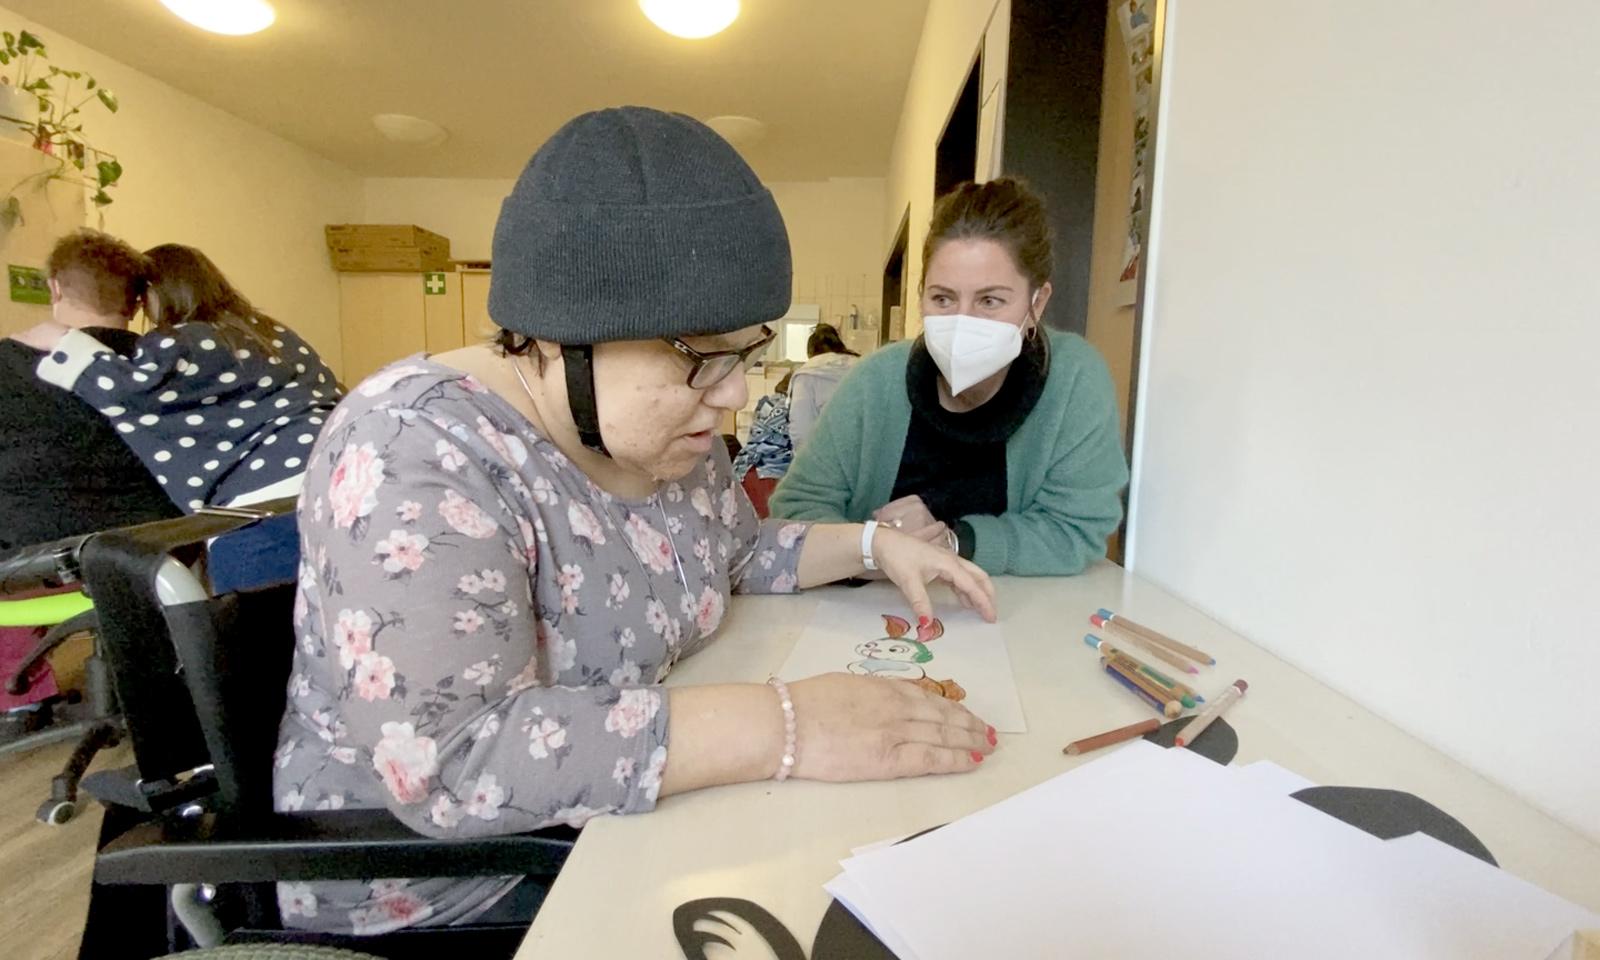 Yvonne Johnson nimmt sich möglichst viel Zeit um Betreute, Team und Abläufe in ihrer Einrichtung kennenzulernen; hier zeigt Jutta Sprenger der neuen Föst-Chefin stolz ihre Bastelarbeiten.